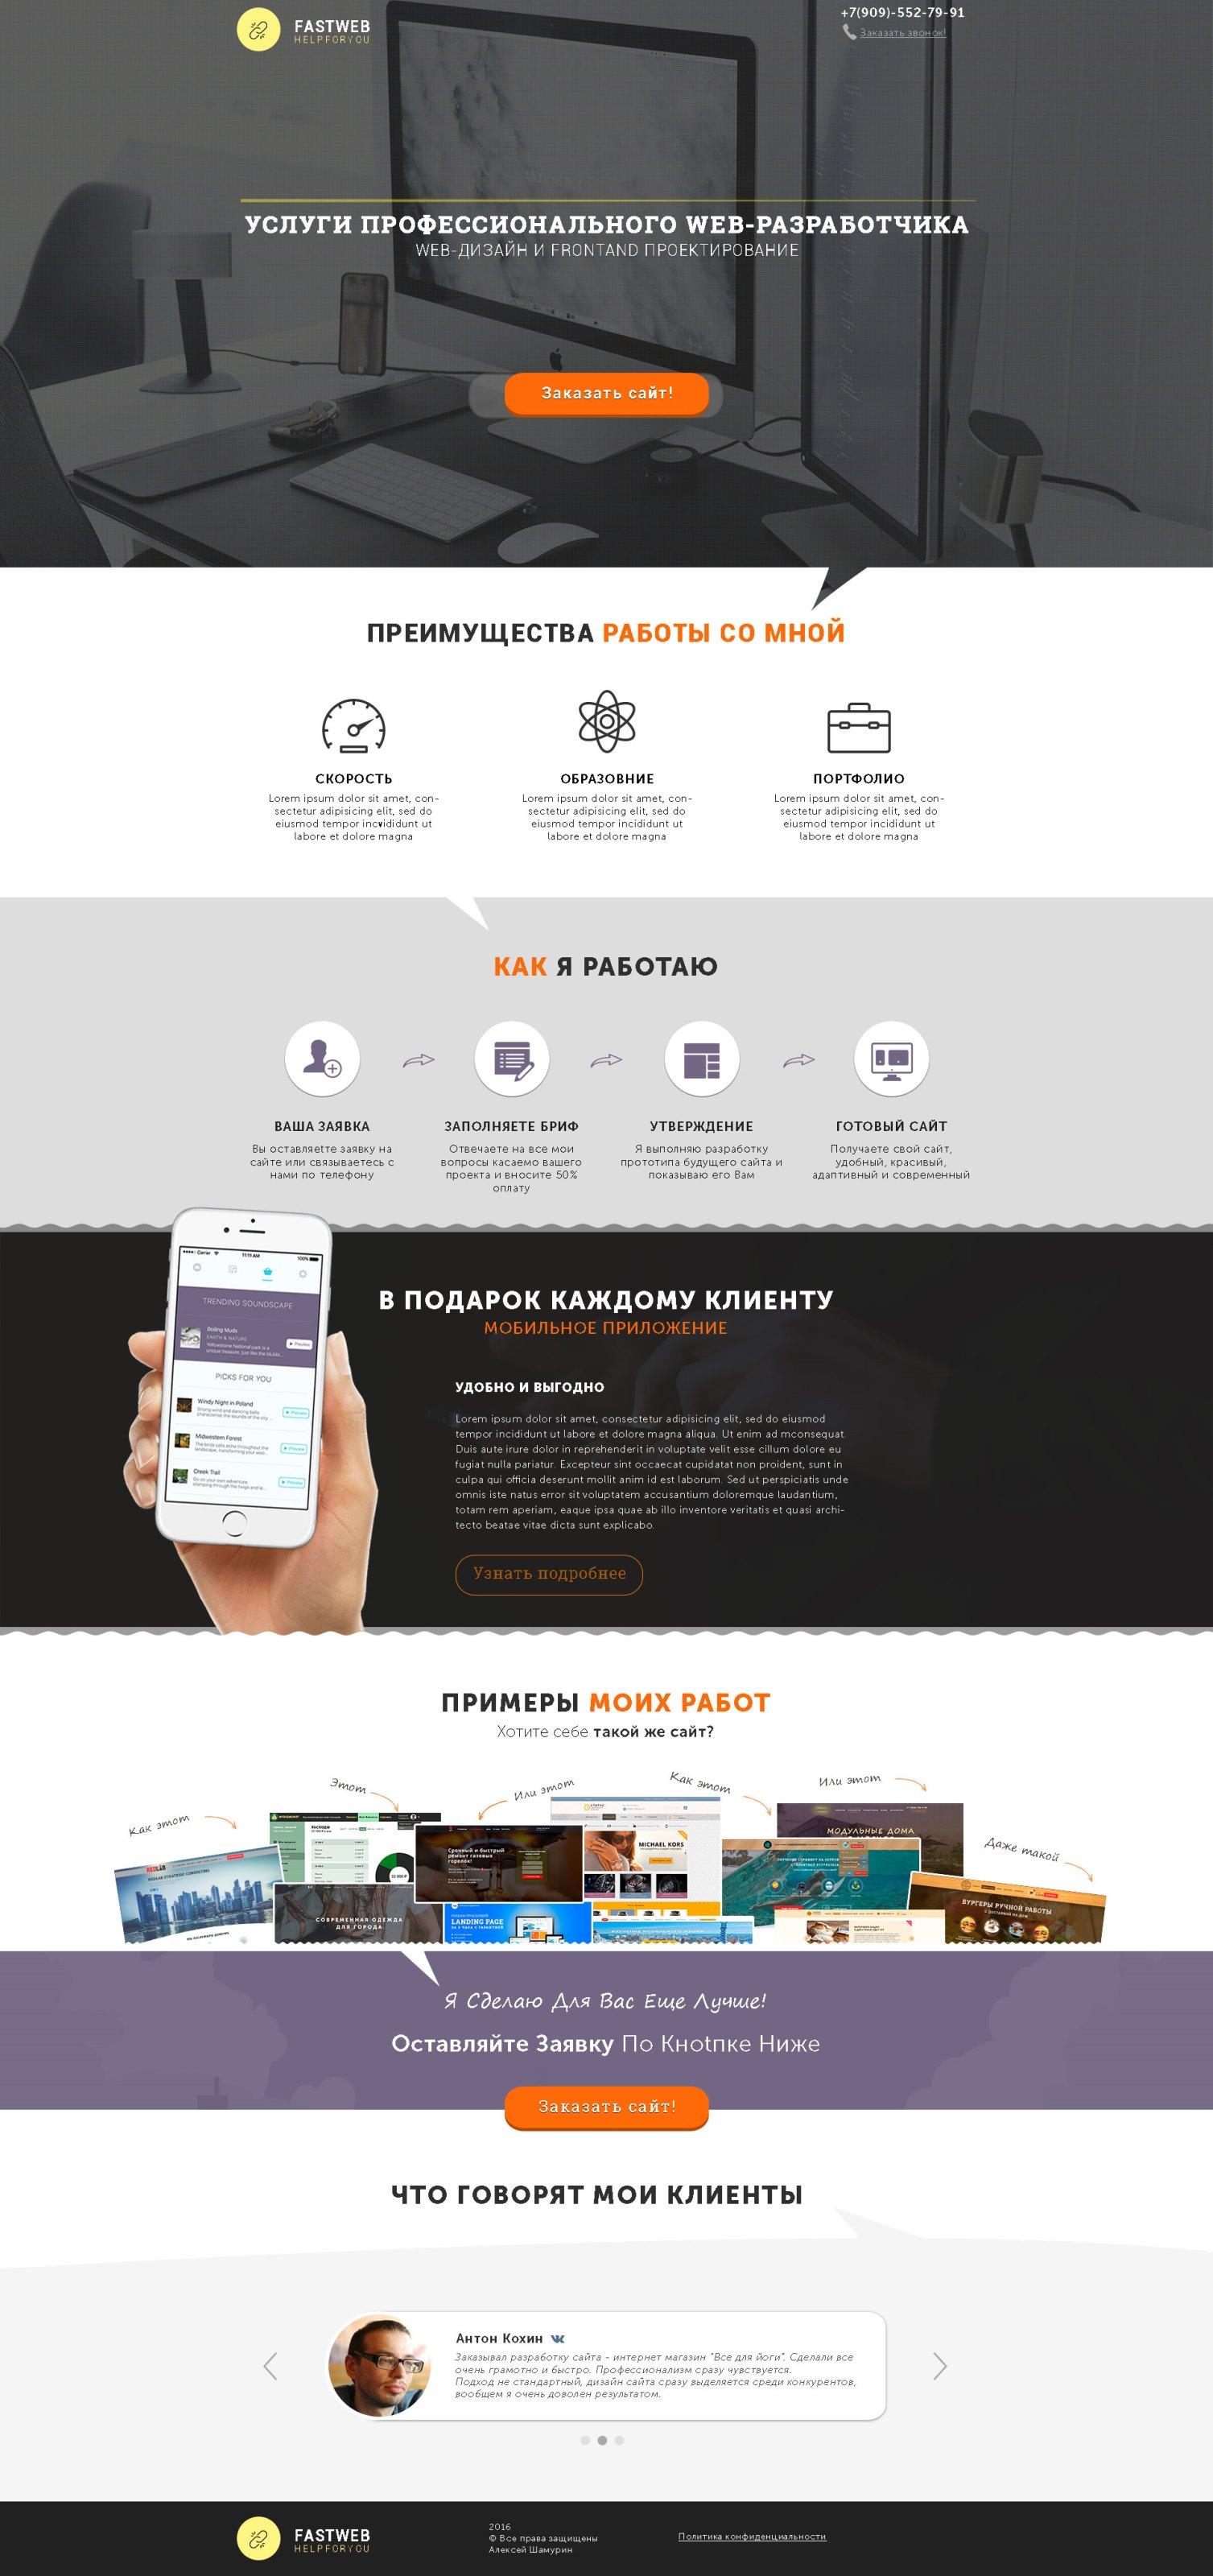 Разработка Landing Page для Веб - дизайнера. Реклама своих услуг